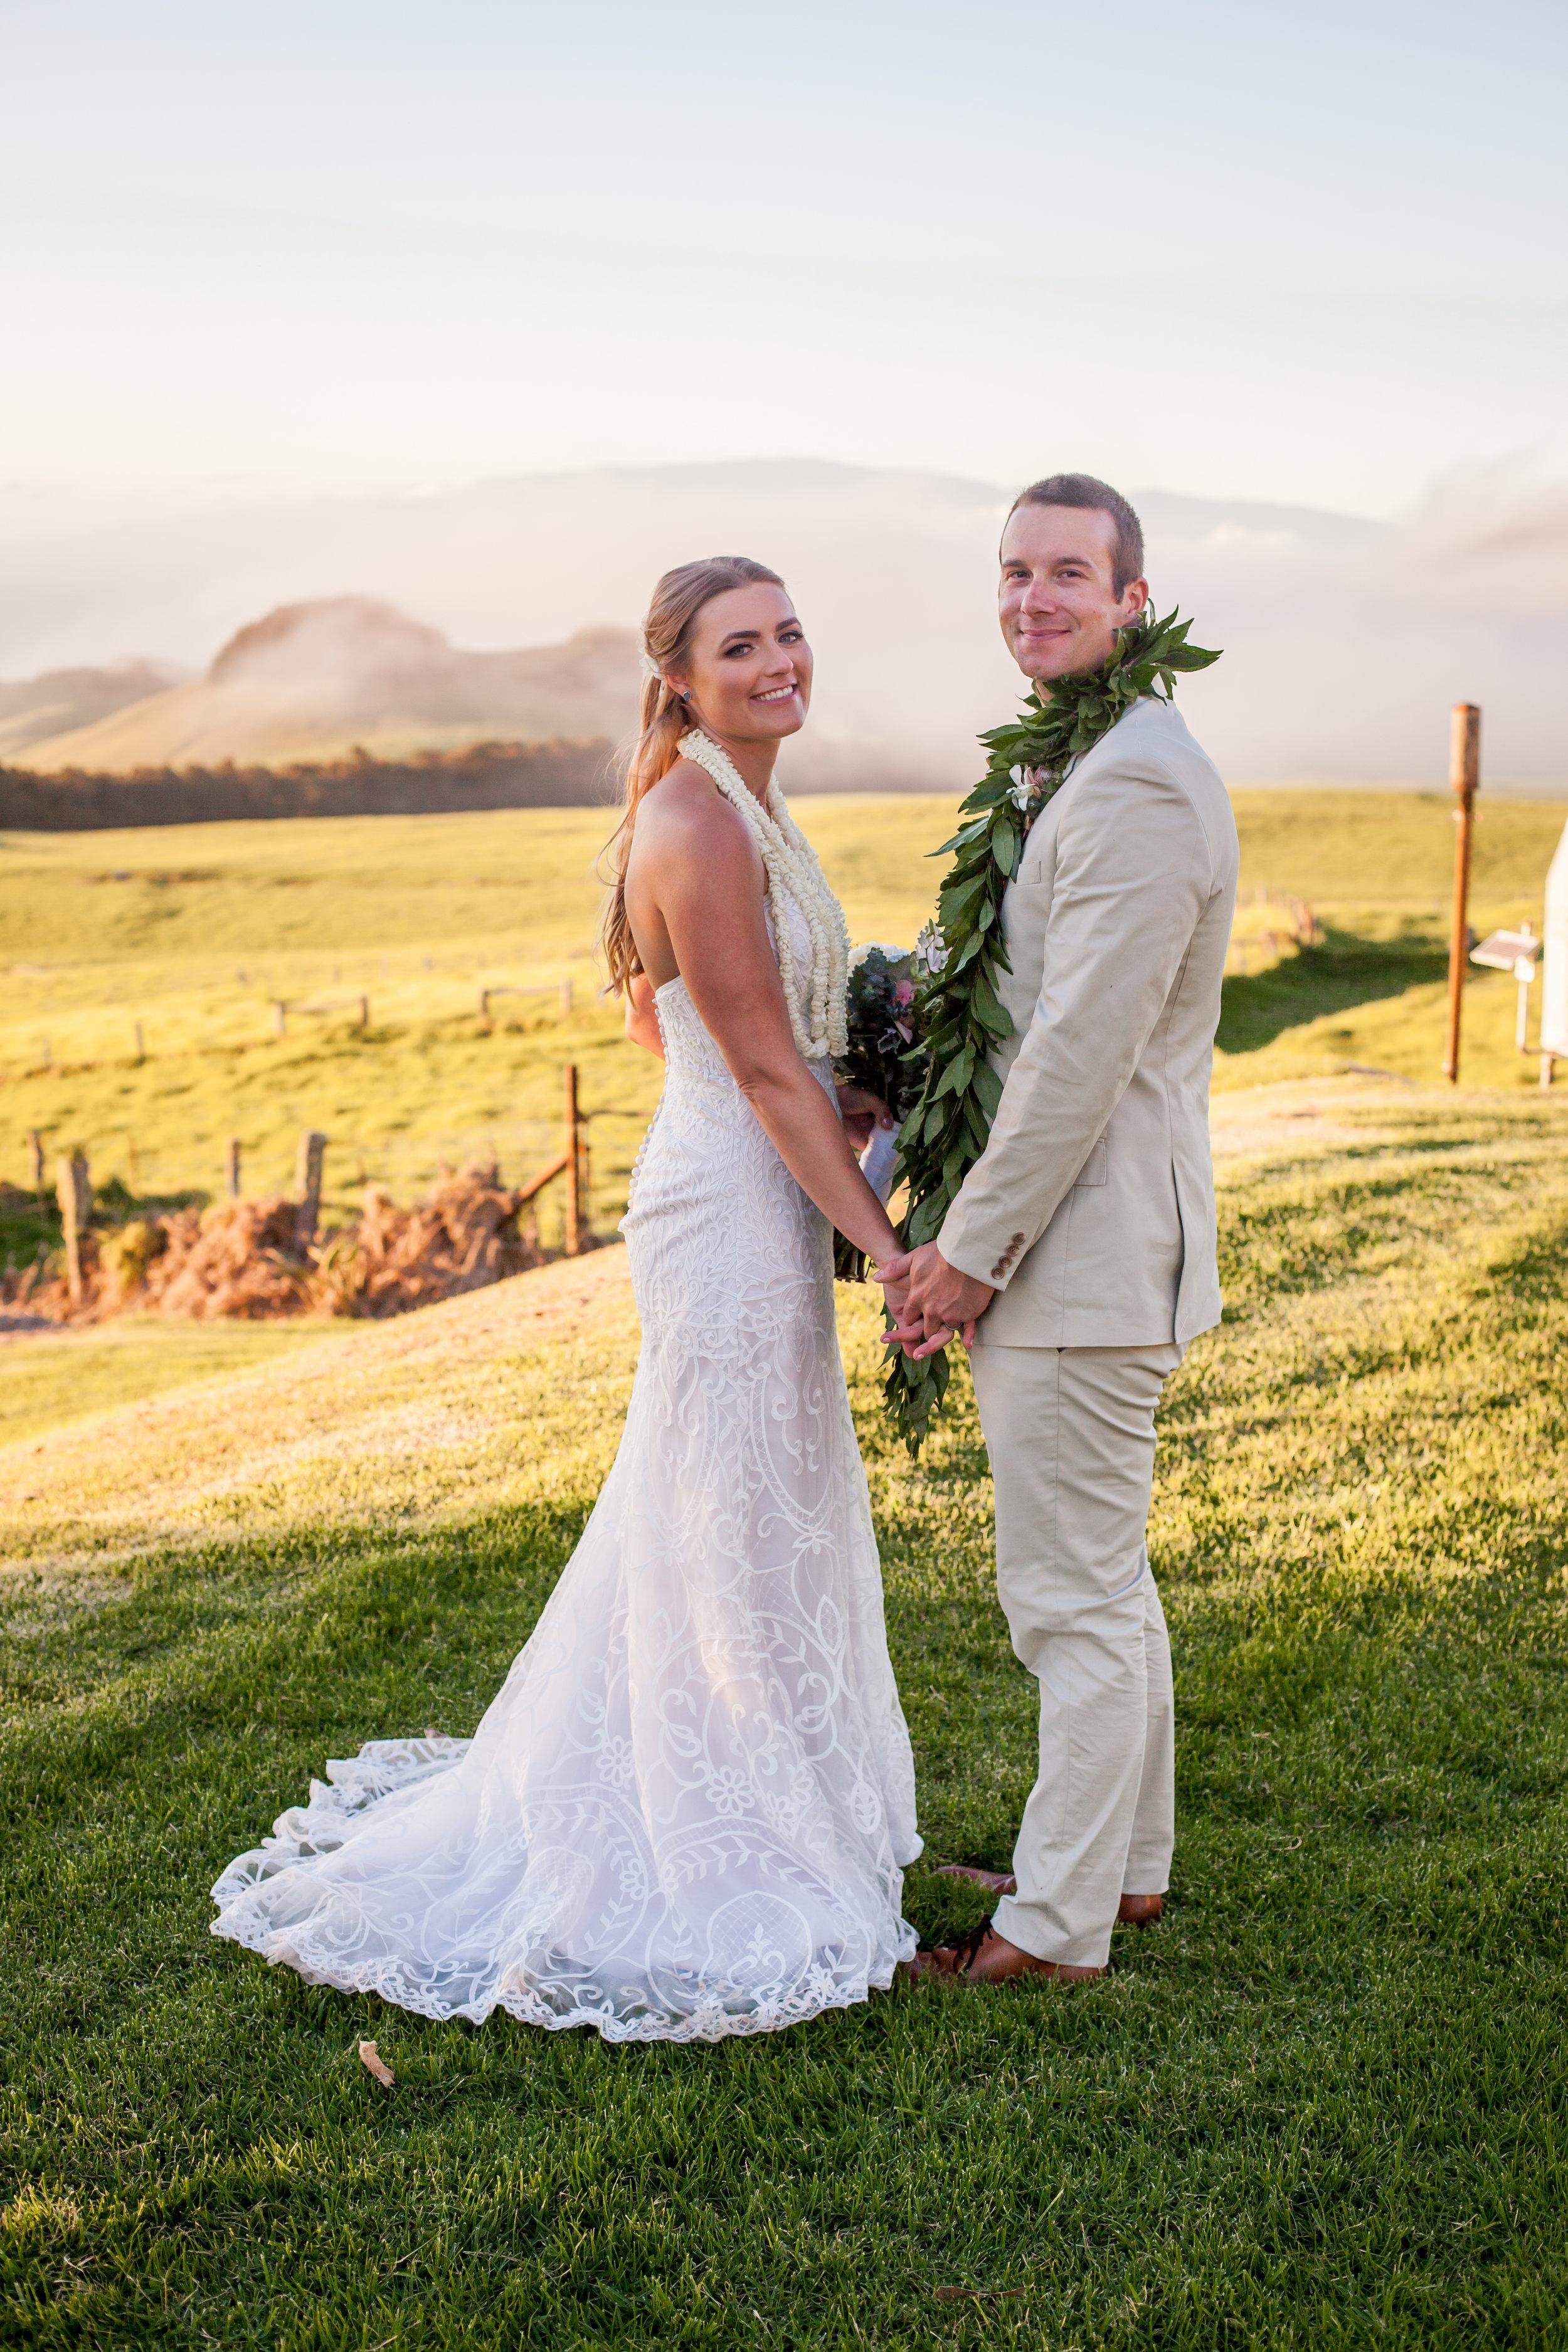 big island hawaii kahua ranch wedding © kelilina photography 20170106174539.jpg